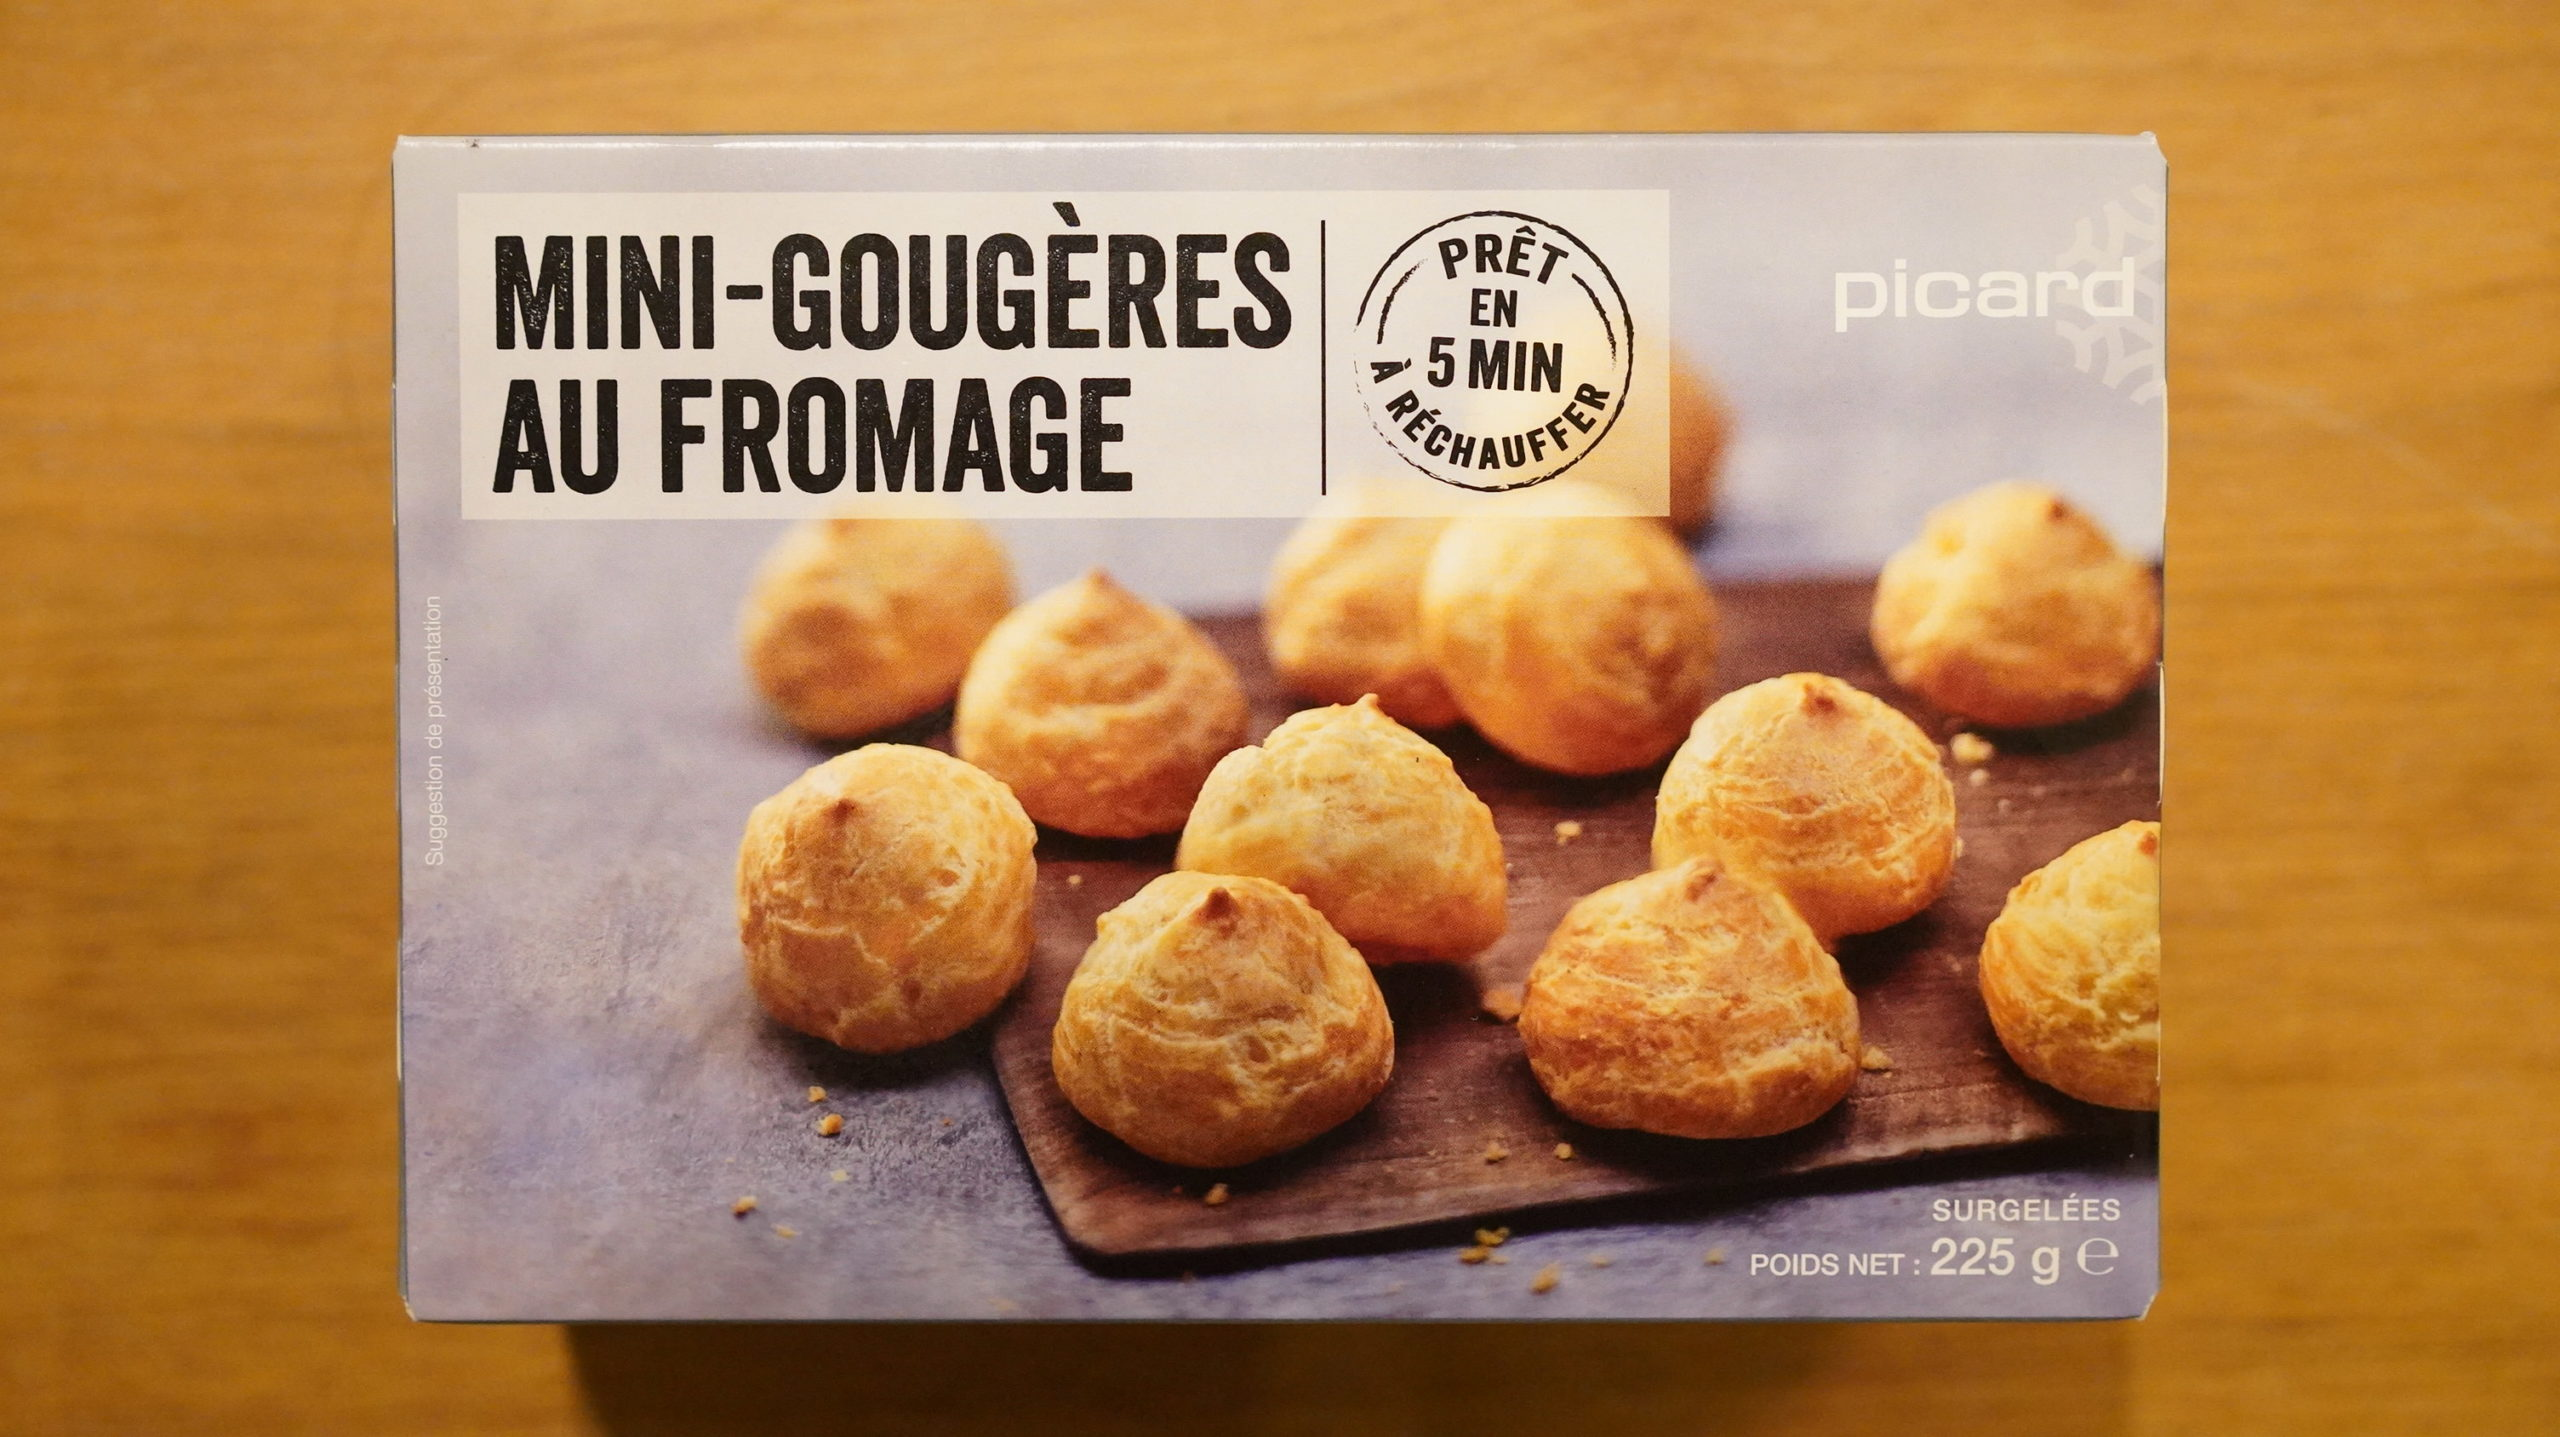 ピカールのおすすめ冷凍食品「食前のおつまみグジェール」のパッケージ写真